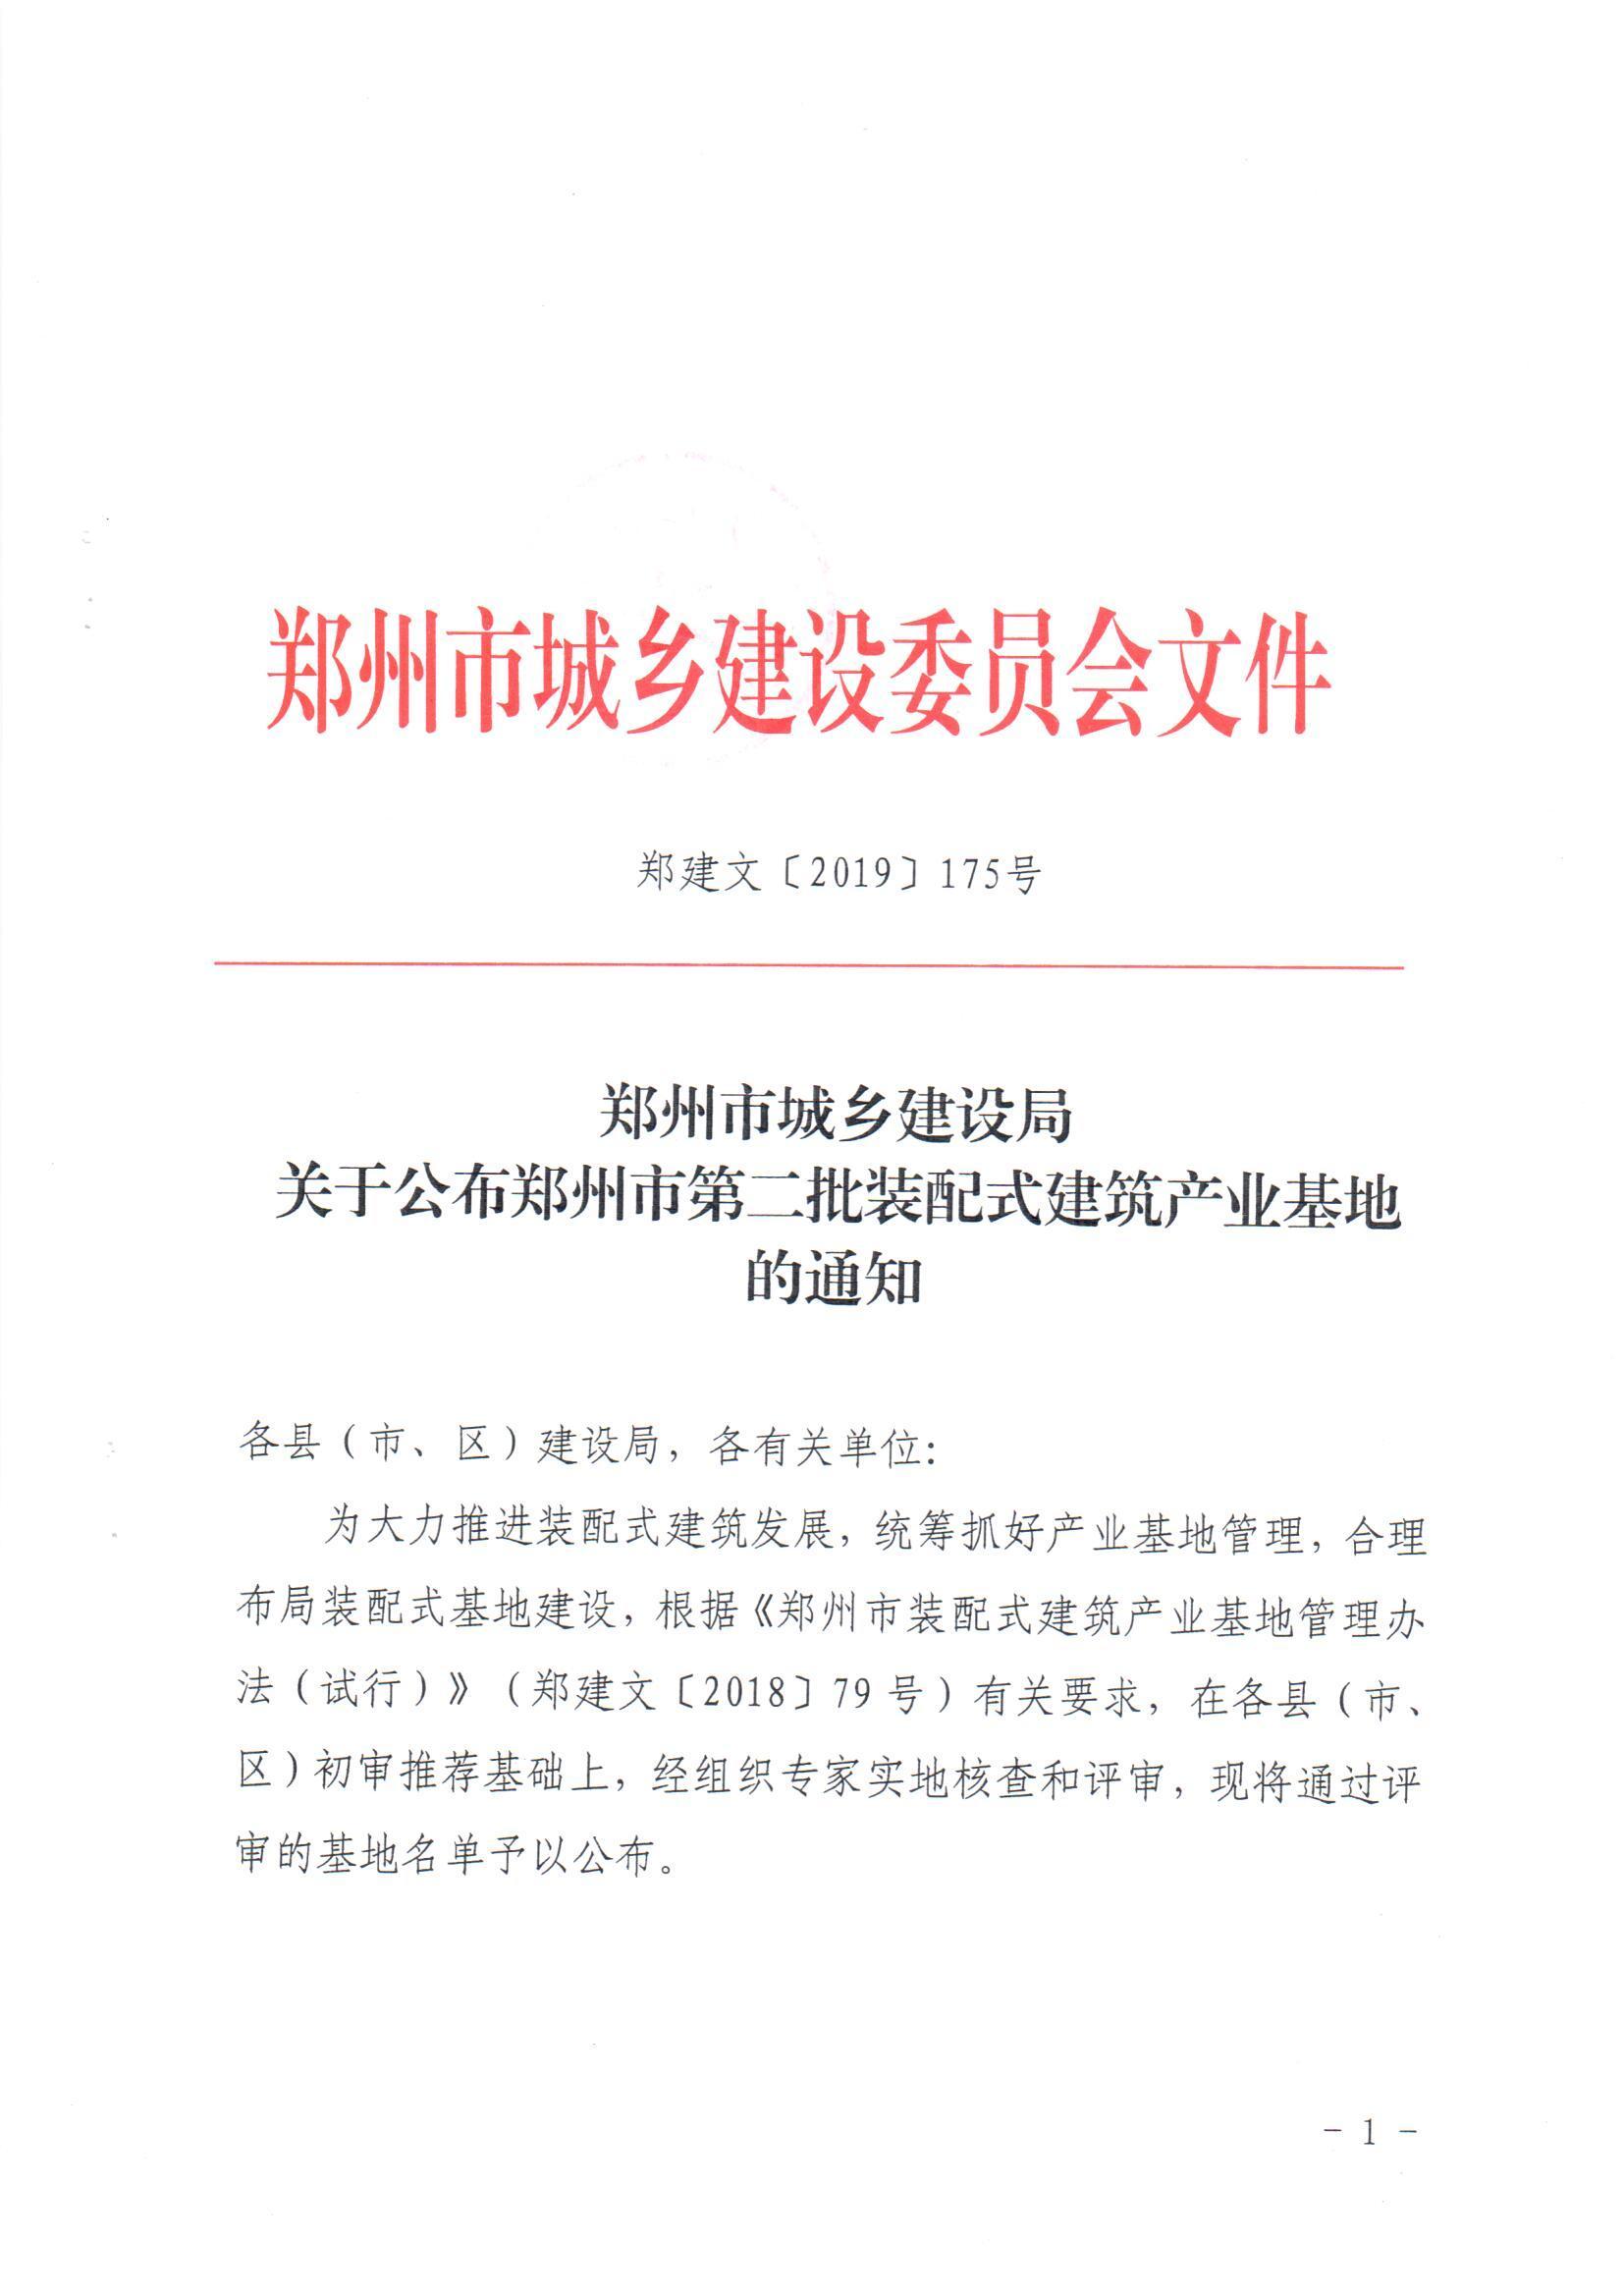 作为装配式建筑产业基地的正式文件_页面_1